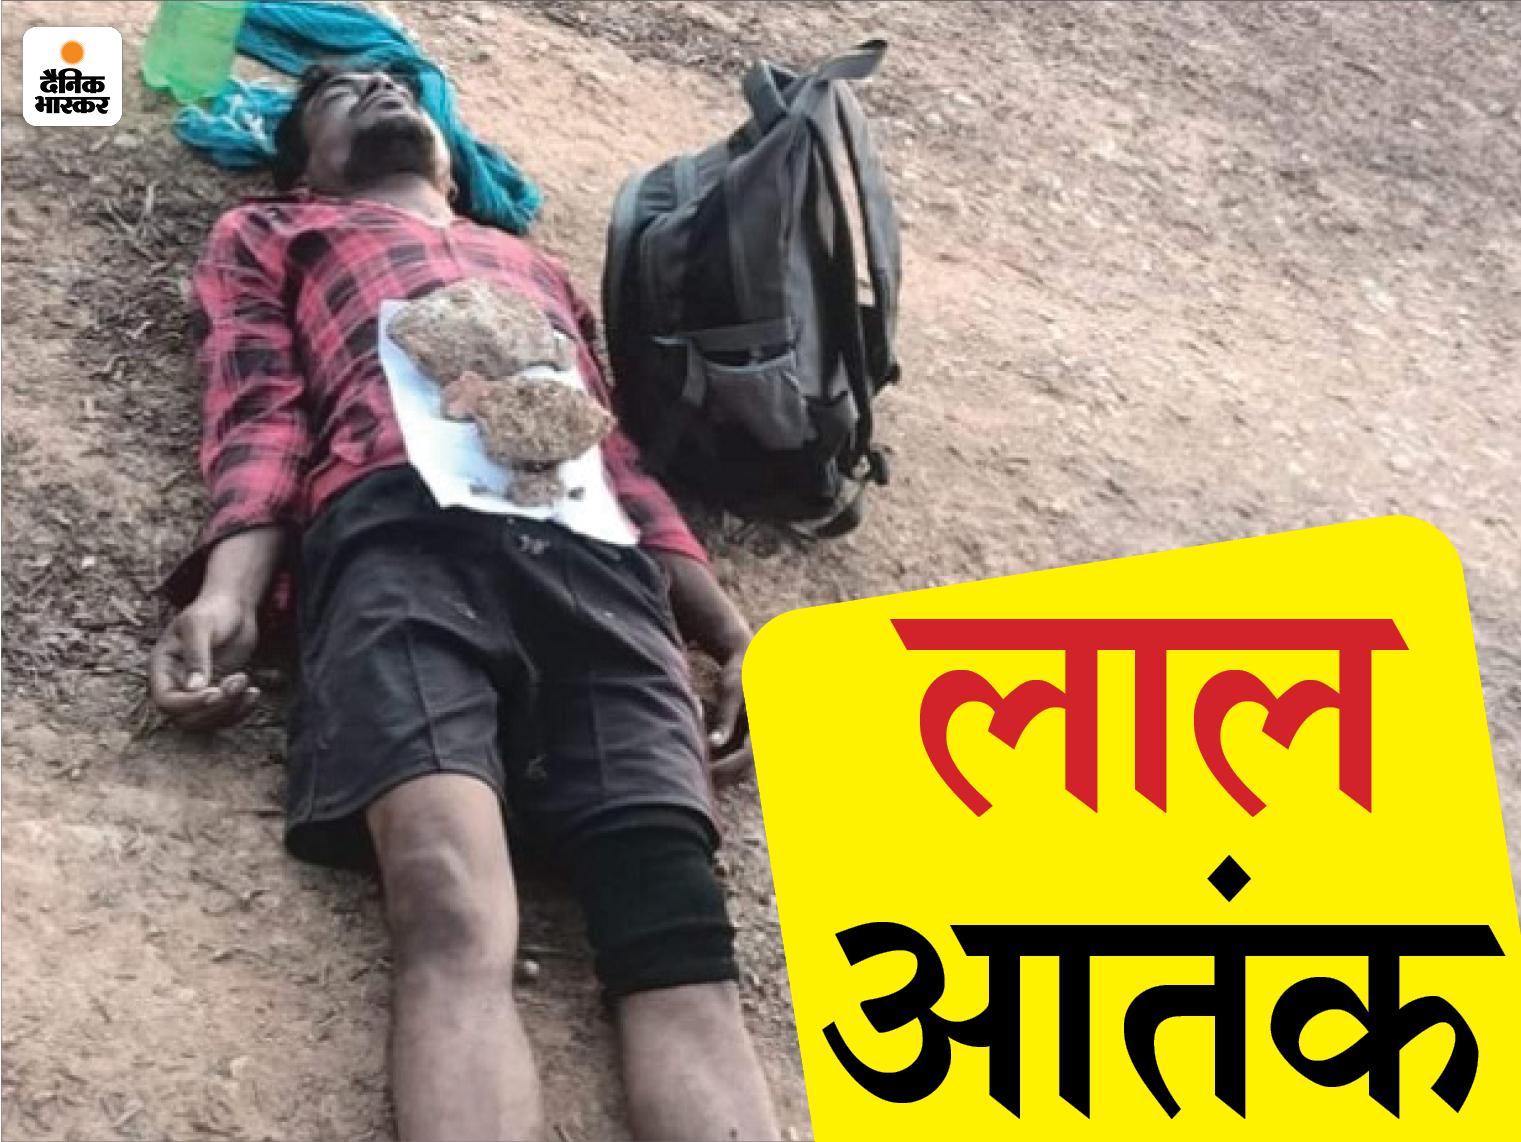 बीजापुर में SI मुरली ताती की नक्सलियों ने गला घोंटकर हत्या की, देर रात सड़क किनारे फेंका शव|छत्तीसगढ़,Chhattisgarh - Dainik Bhaskar